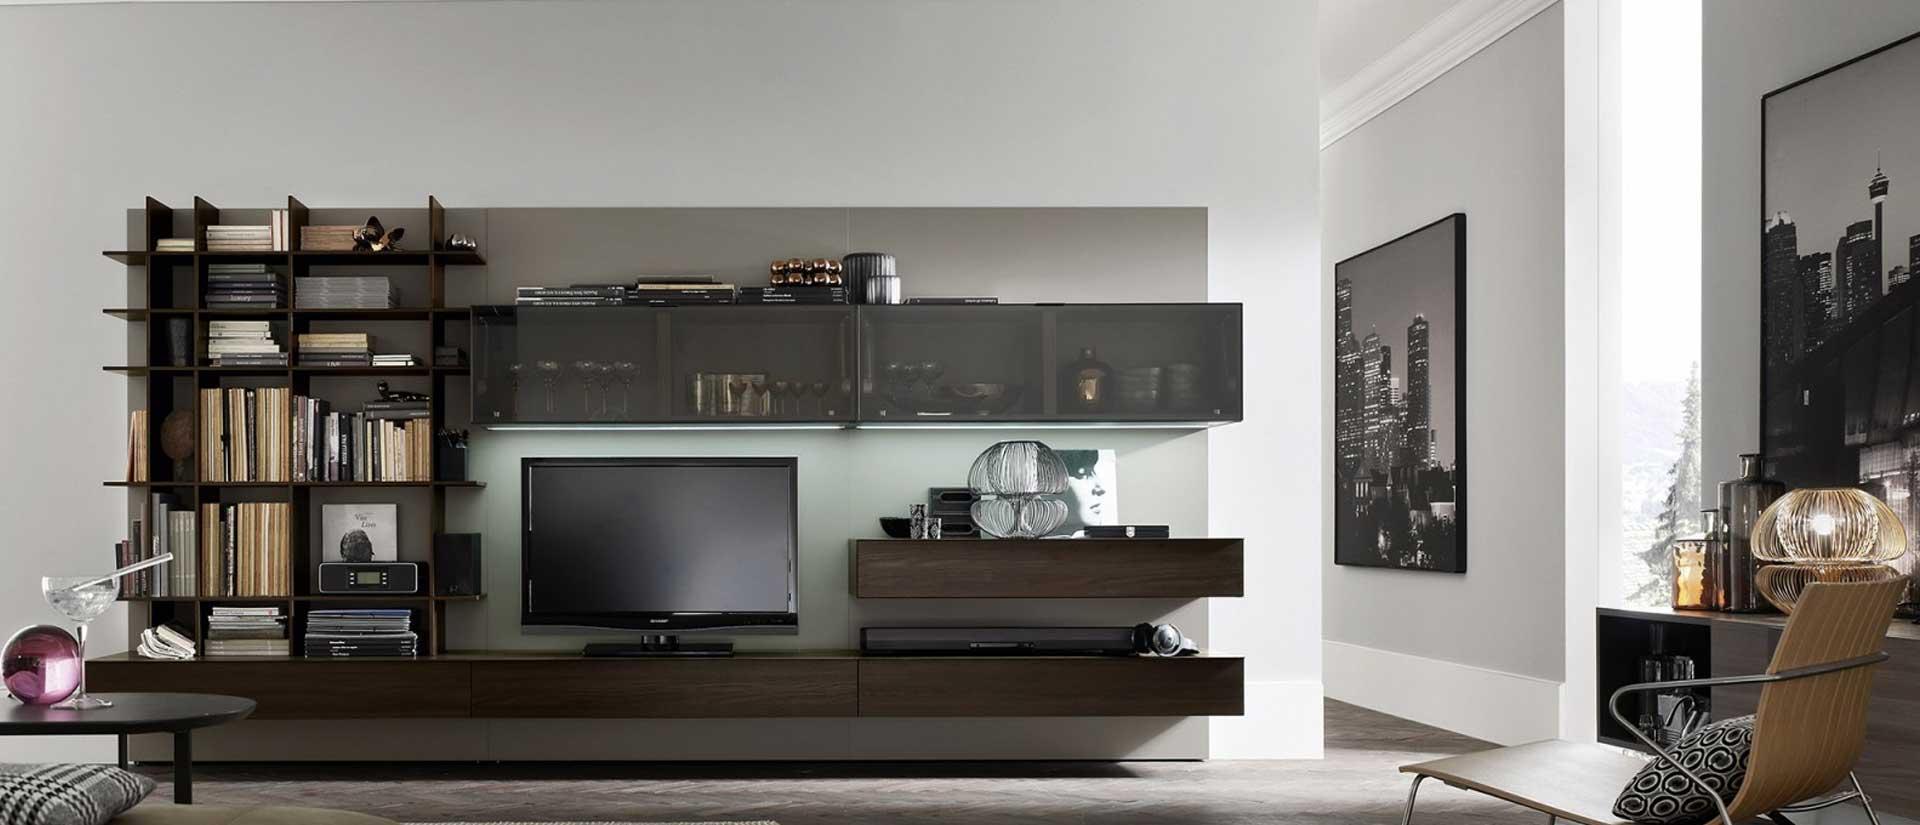 Parete attrezzata classica modulo 3 casadesign for Parete attrezzata design moderno